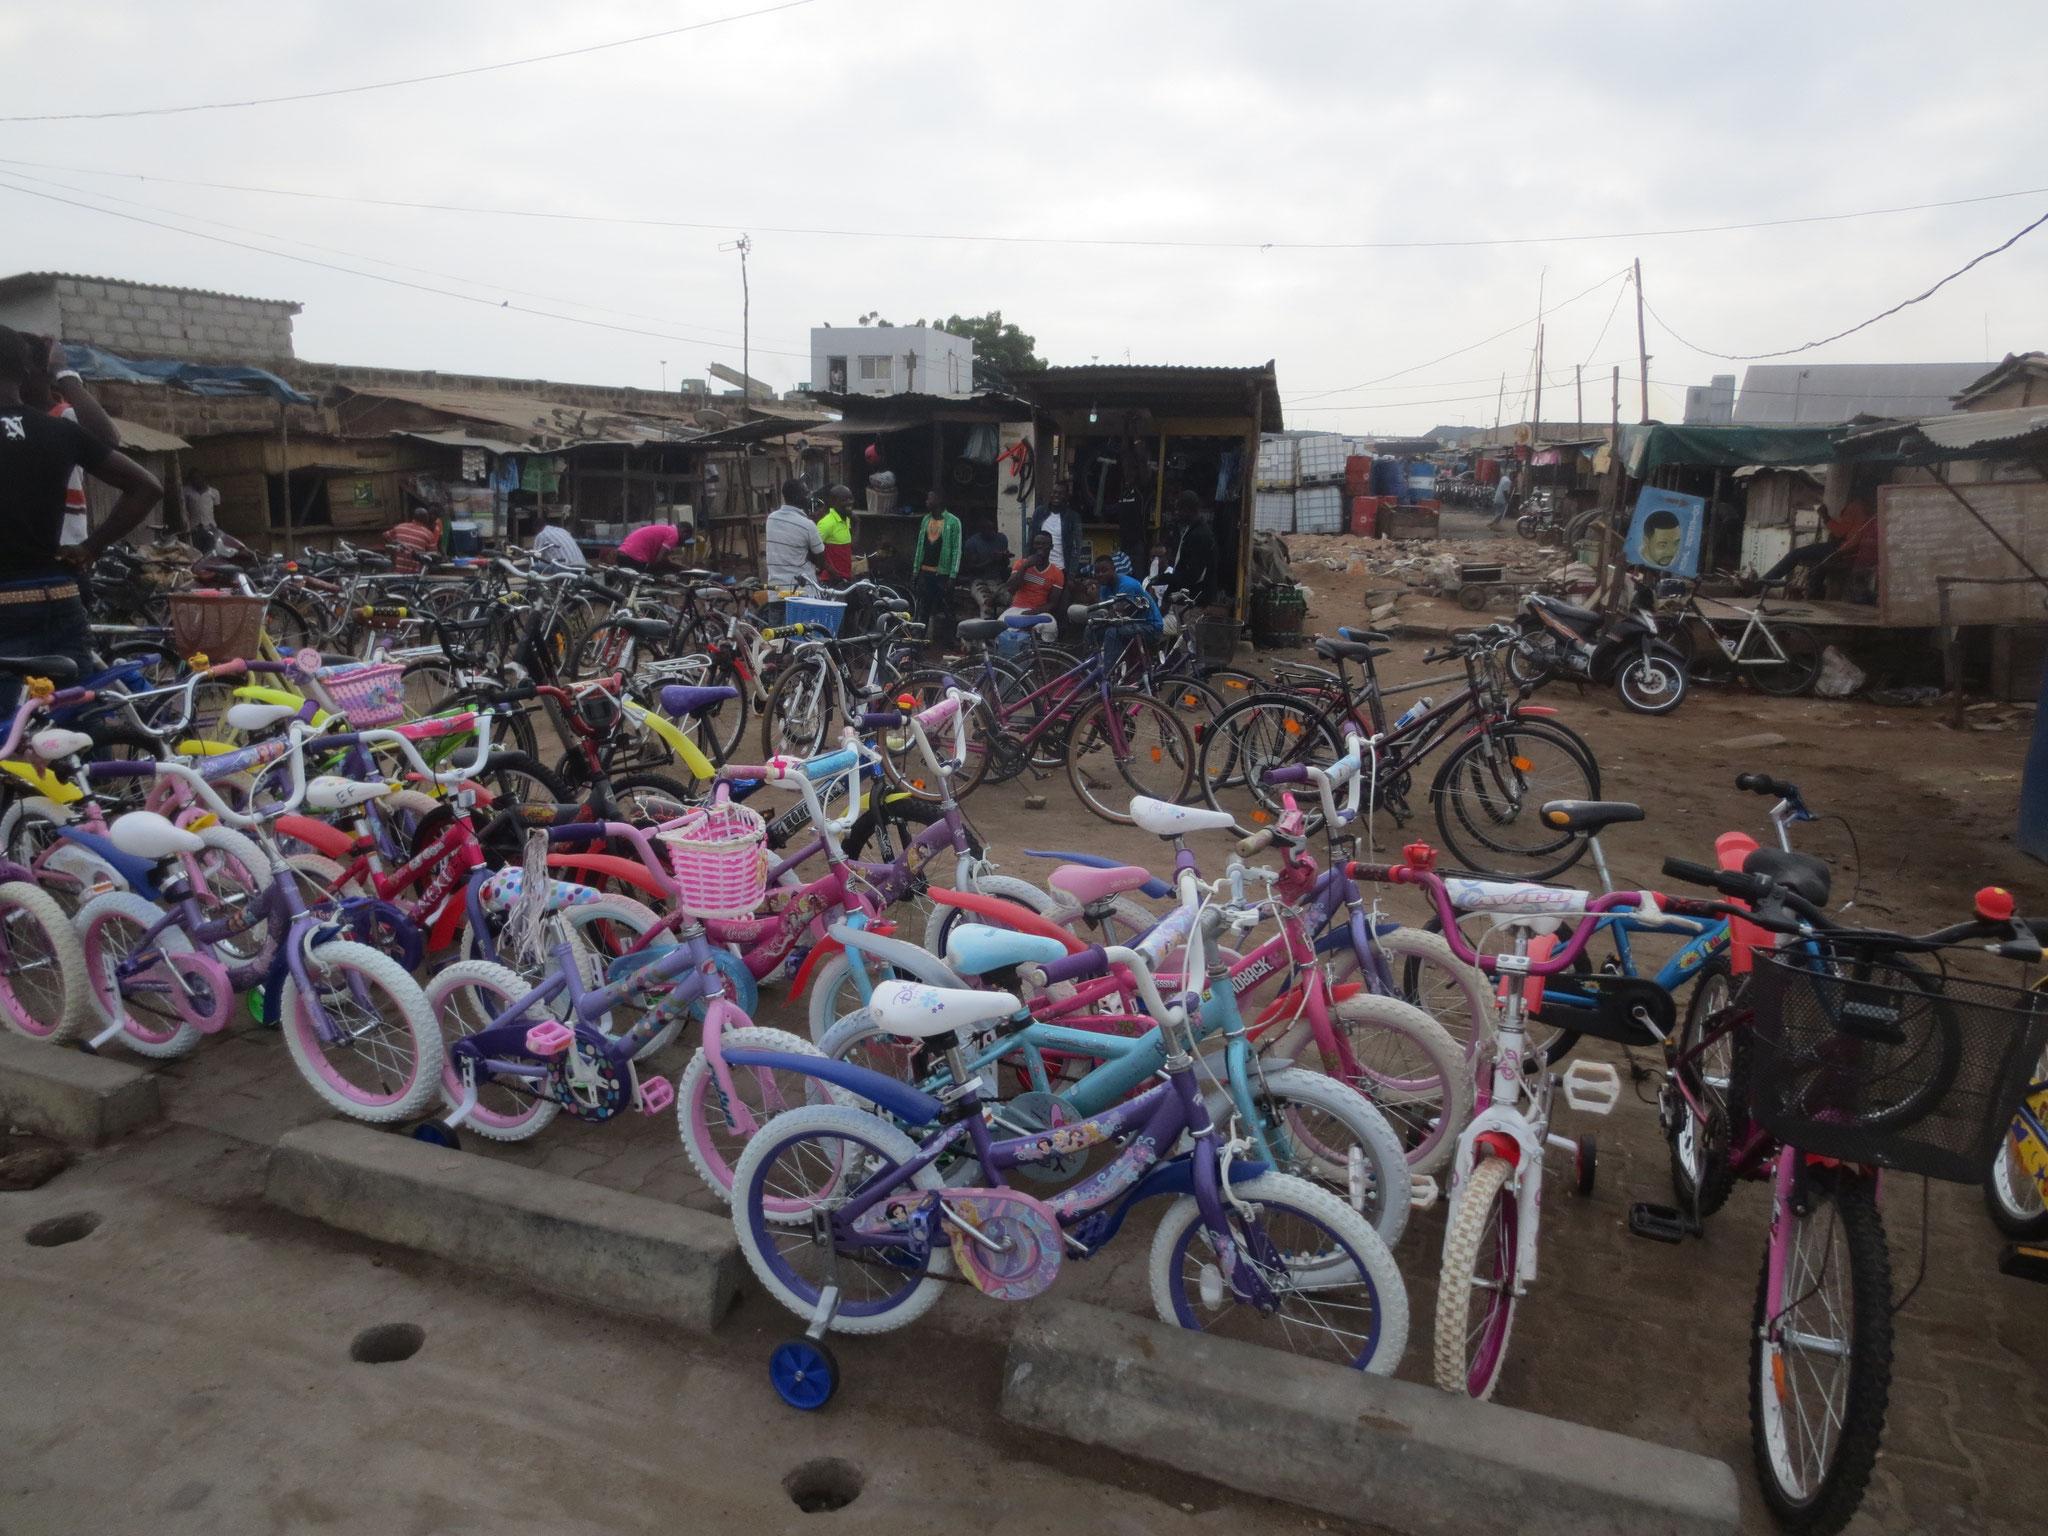 Wöchentlich kommen in Togo viele Fahrräder an. Bestimmt für Mali, Niger, Burkina Faso und Togo.